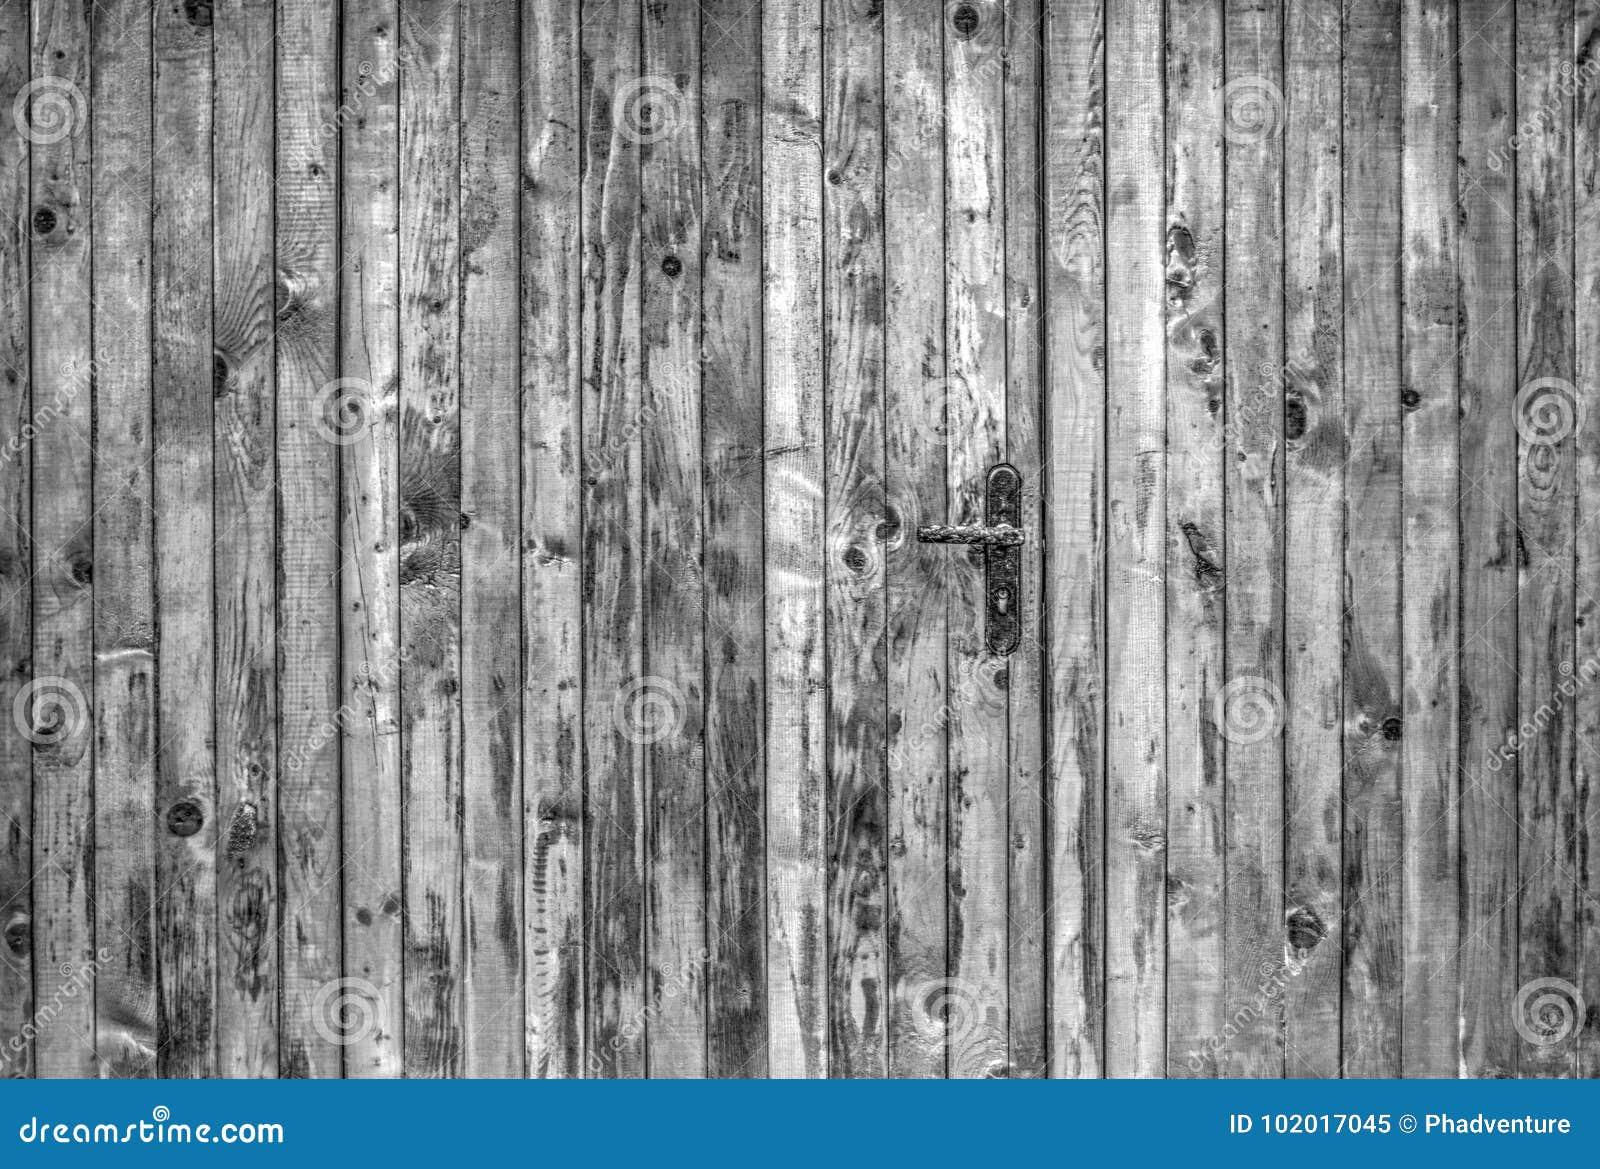 Legno Bianco E Nero : Fondo dei bordi di legno in bianco e nero immagine stock